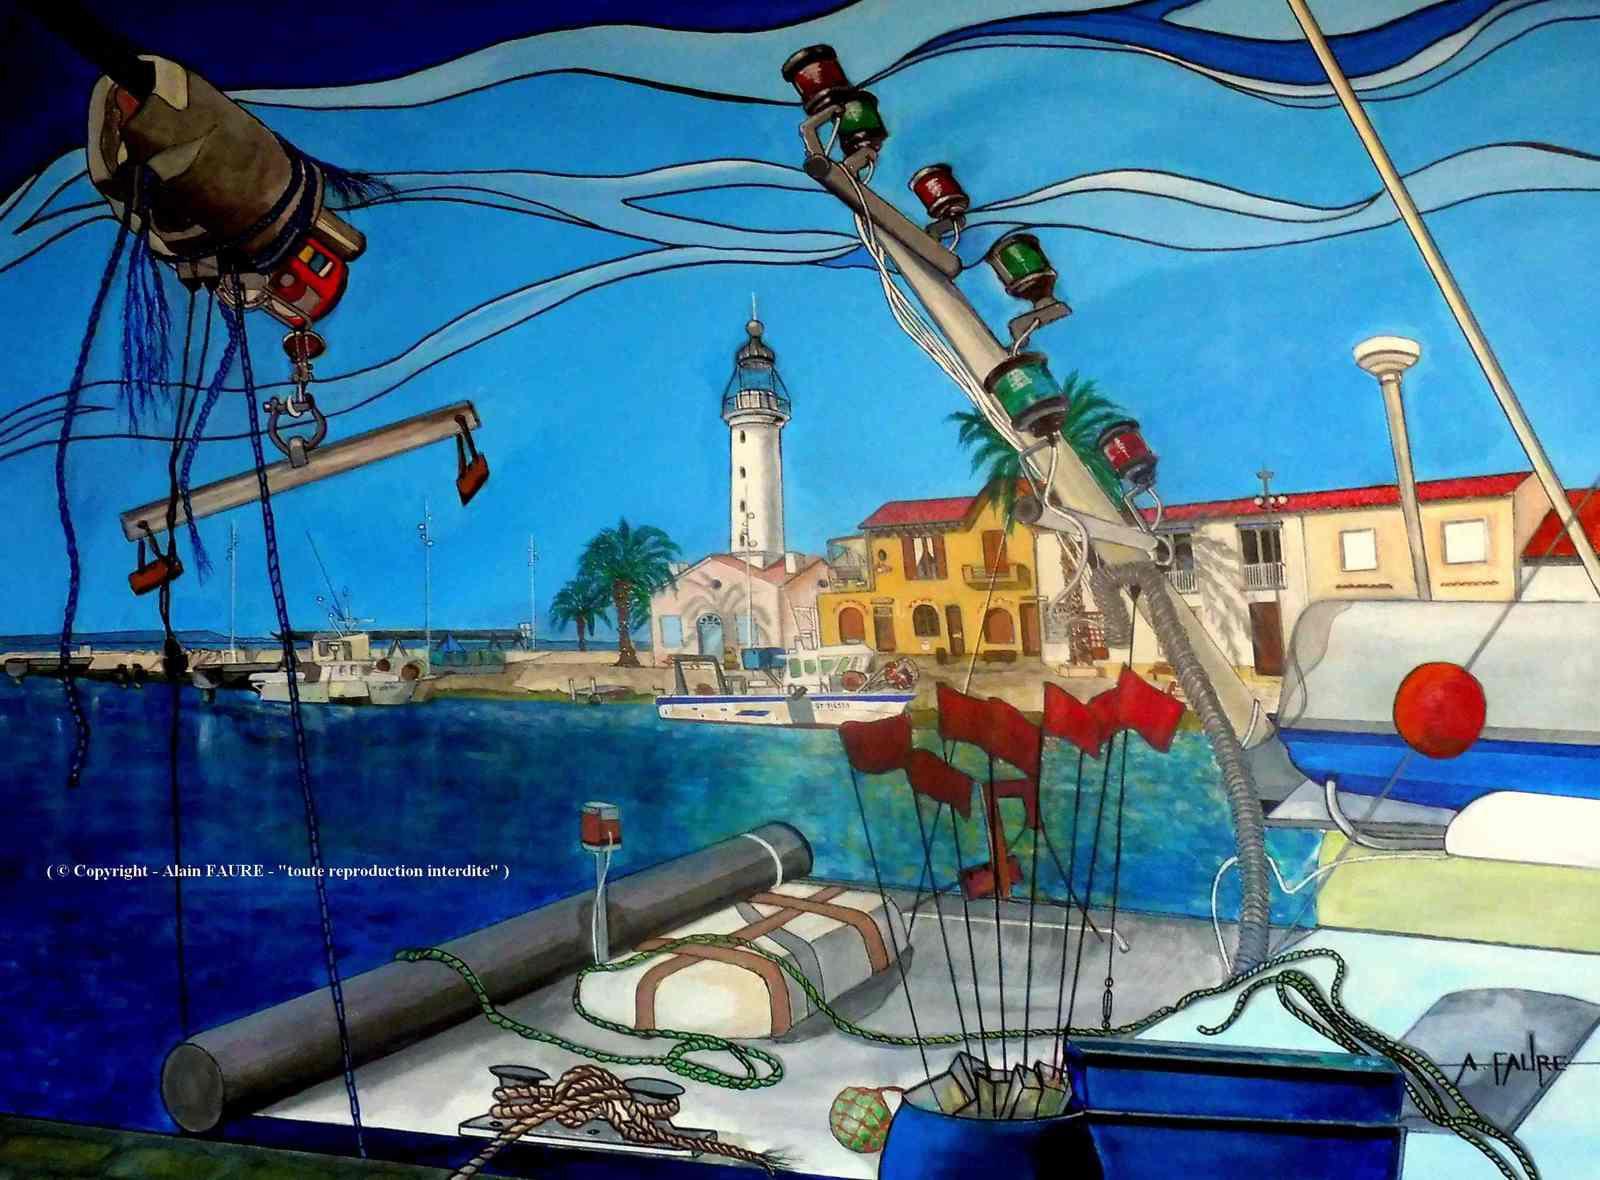 LE GRAU DU ROI                Peinture Acrylique sur Toile : 100 x 73 cm ..... 1450 € - Au milieu des plages sablonneuses, des marais salants et des étangs côtiers peuplés de flamants, la ville du Grau-du-Roi encerclée par les eaux méditerranéennes constitue une escapade pittoresque en Camargue. Les visiteurs affluent sur le port de pêche bordé de palmiers, où les cafés et restaurants font face à la mer. Le port de pêche du Grau du Roi est le 2ème port de pêche de Méditerranée française.